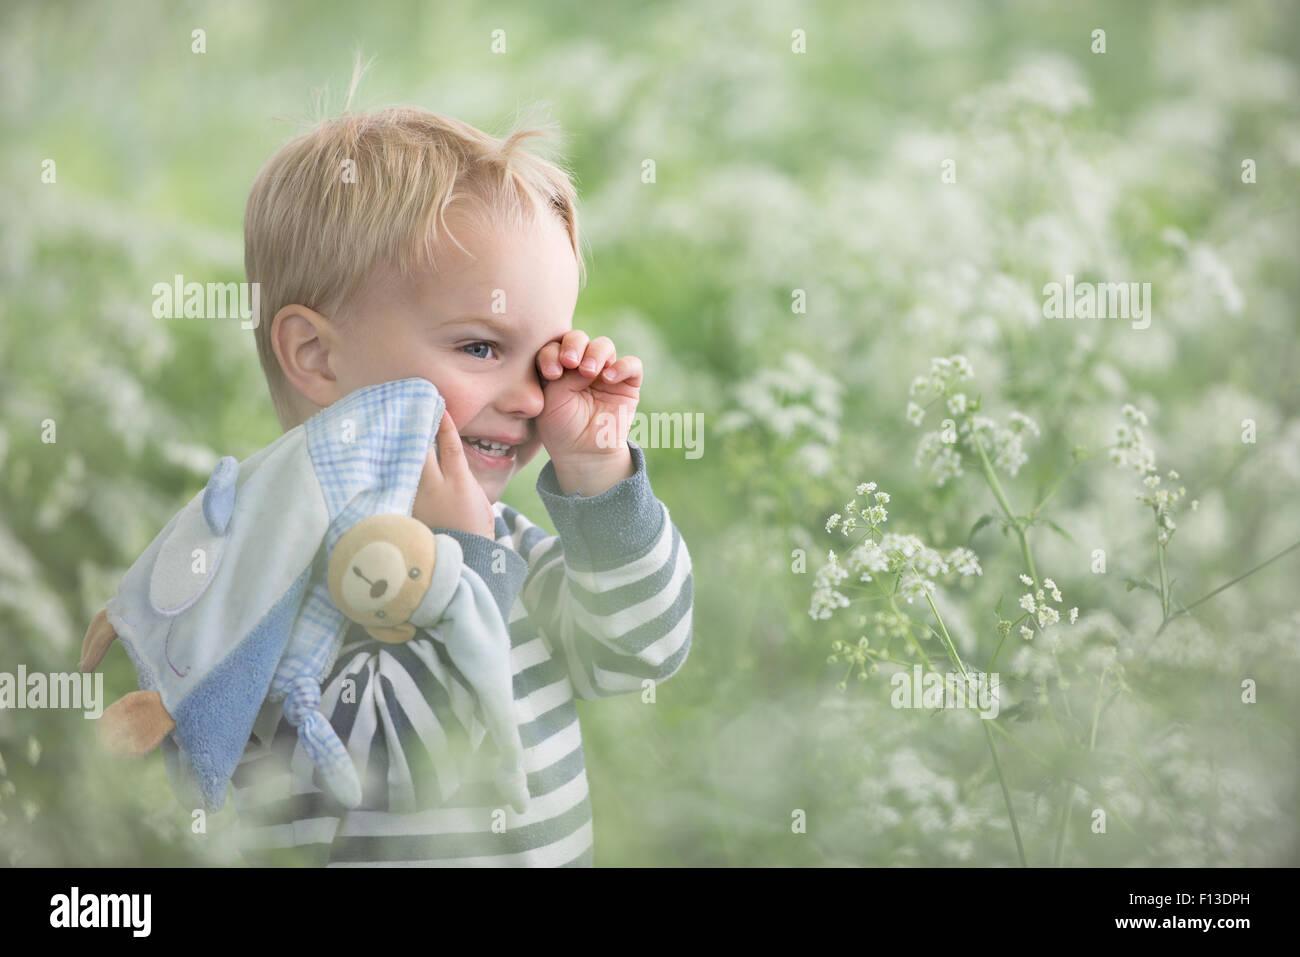 Müde Kleinkind stehen in einem Feld seine Augen reiben Stockbild